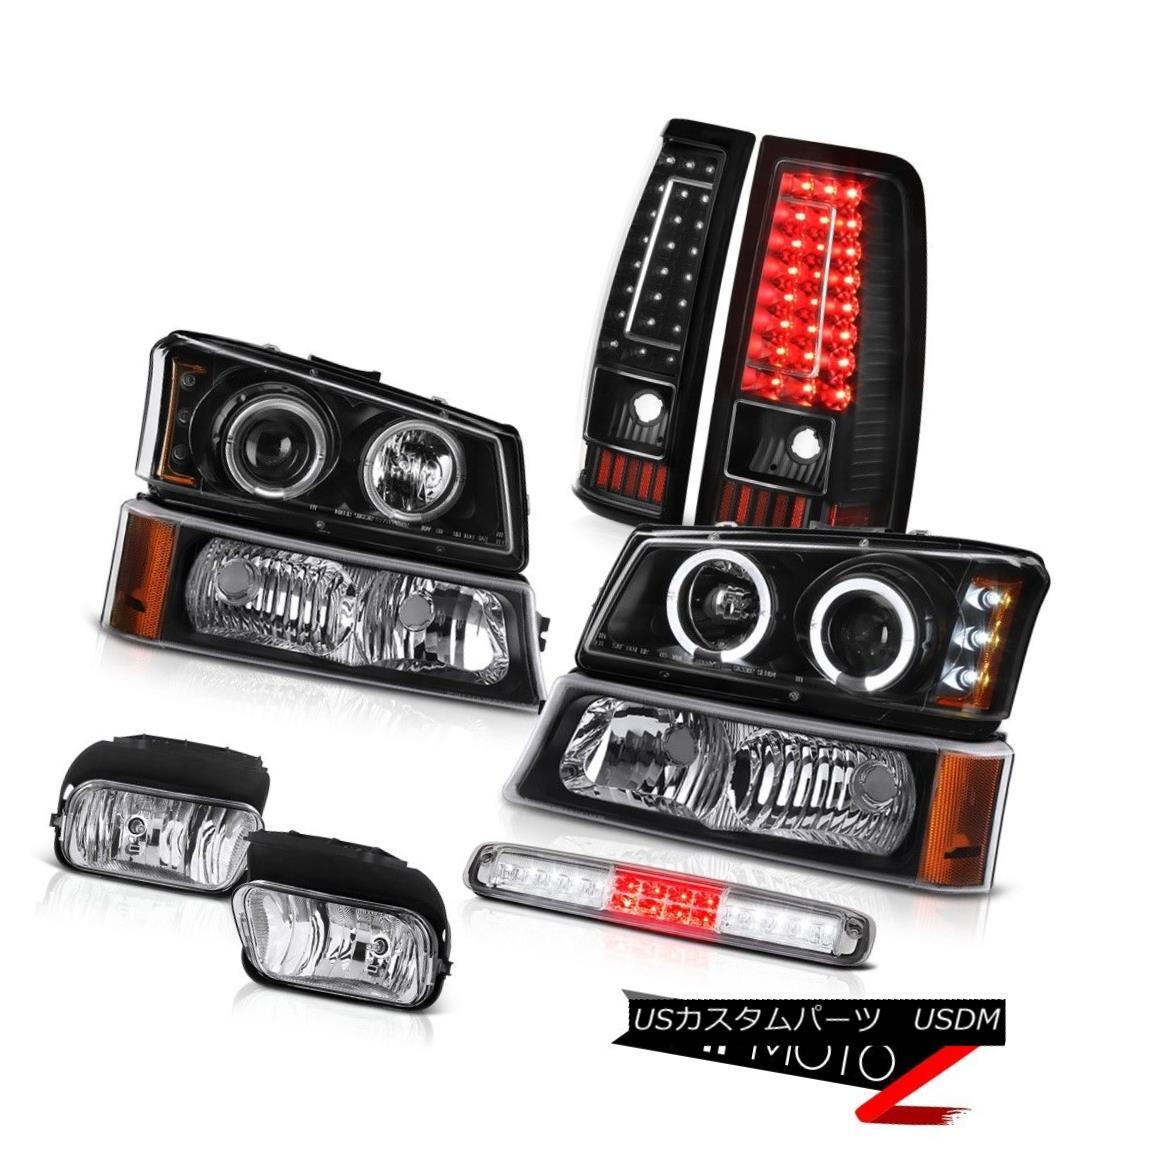 テールライト 03-06 Silverado 3RD Brake Light Foglamps Tail Lamps Bumper Projector Headlamps 03-06 Silverado 3RDブレーキライトフォグランプテールランプバンパープロジェクターヘッドランプ